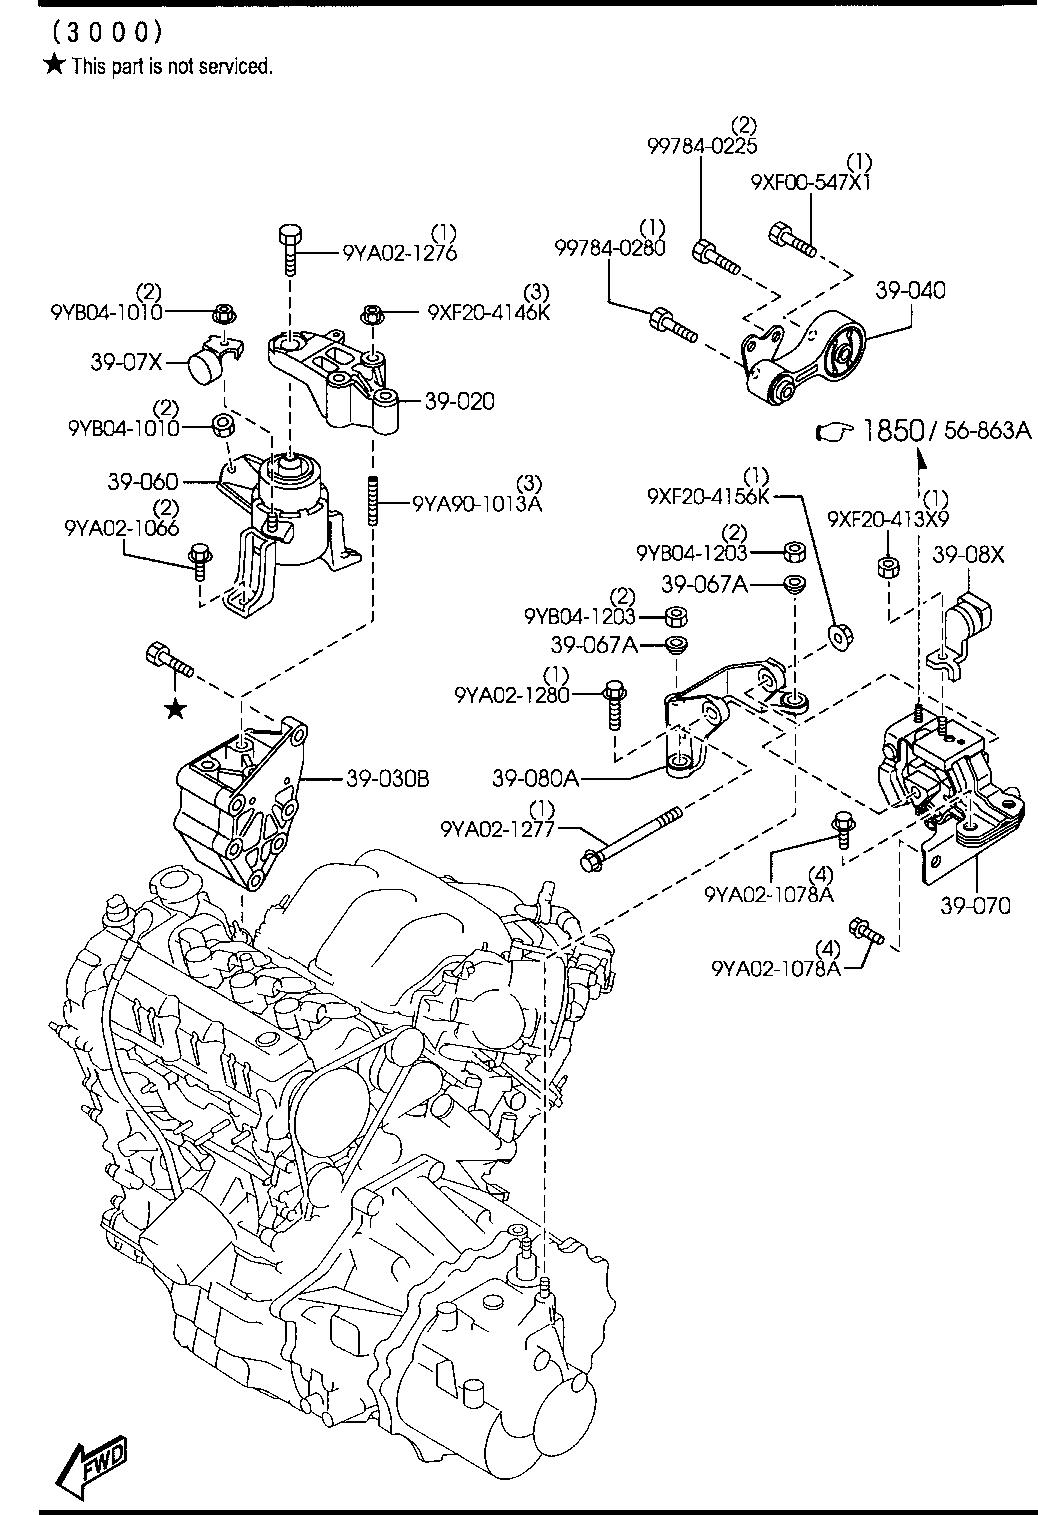 Mazda 6 V6 3 0L Engine Diagram / Mazda 6 V6 3 0l Engine